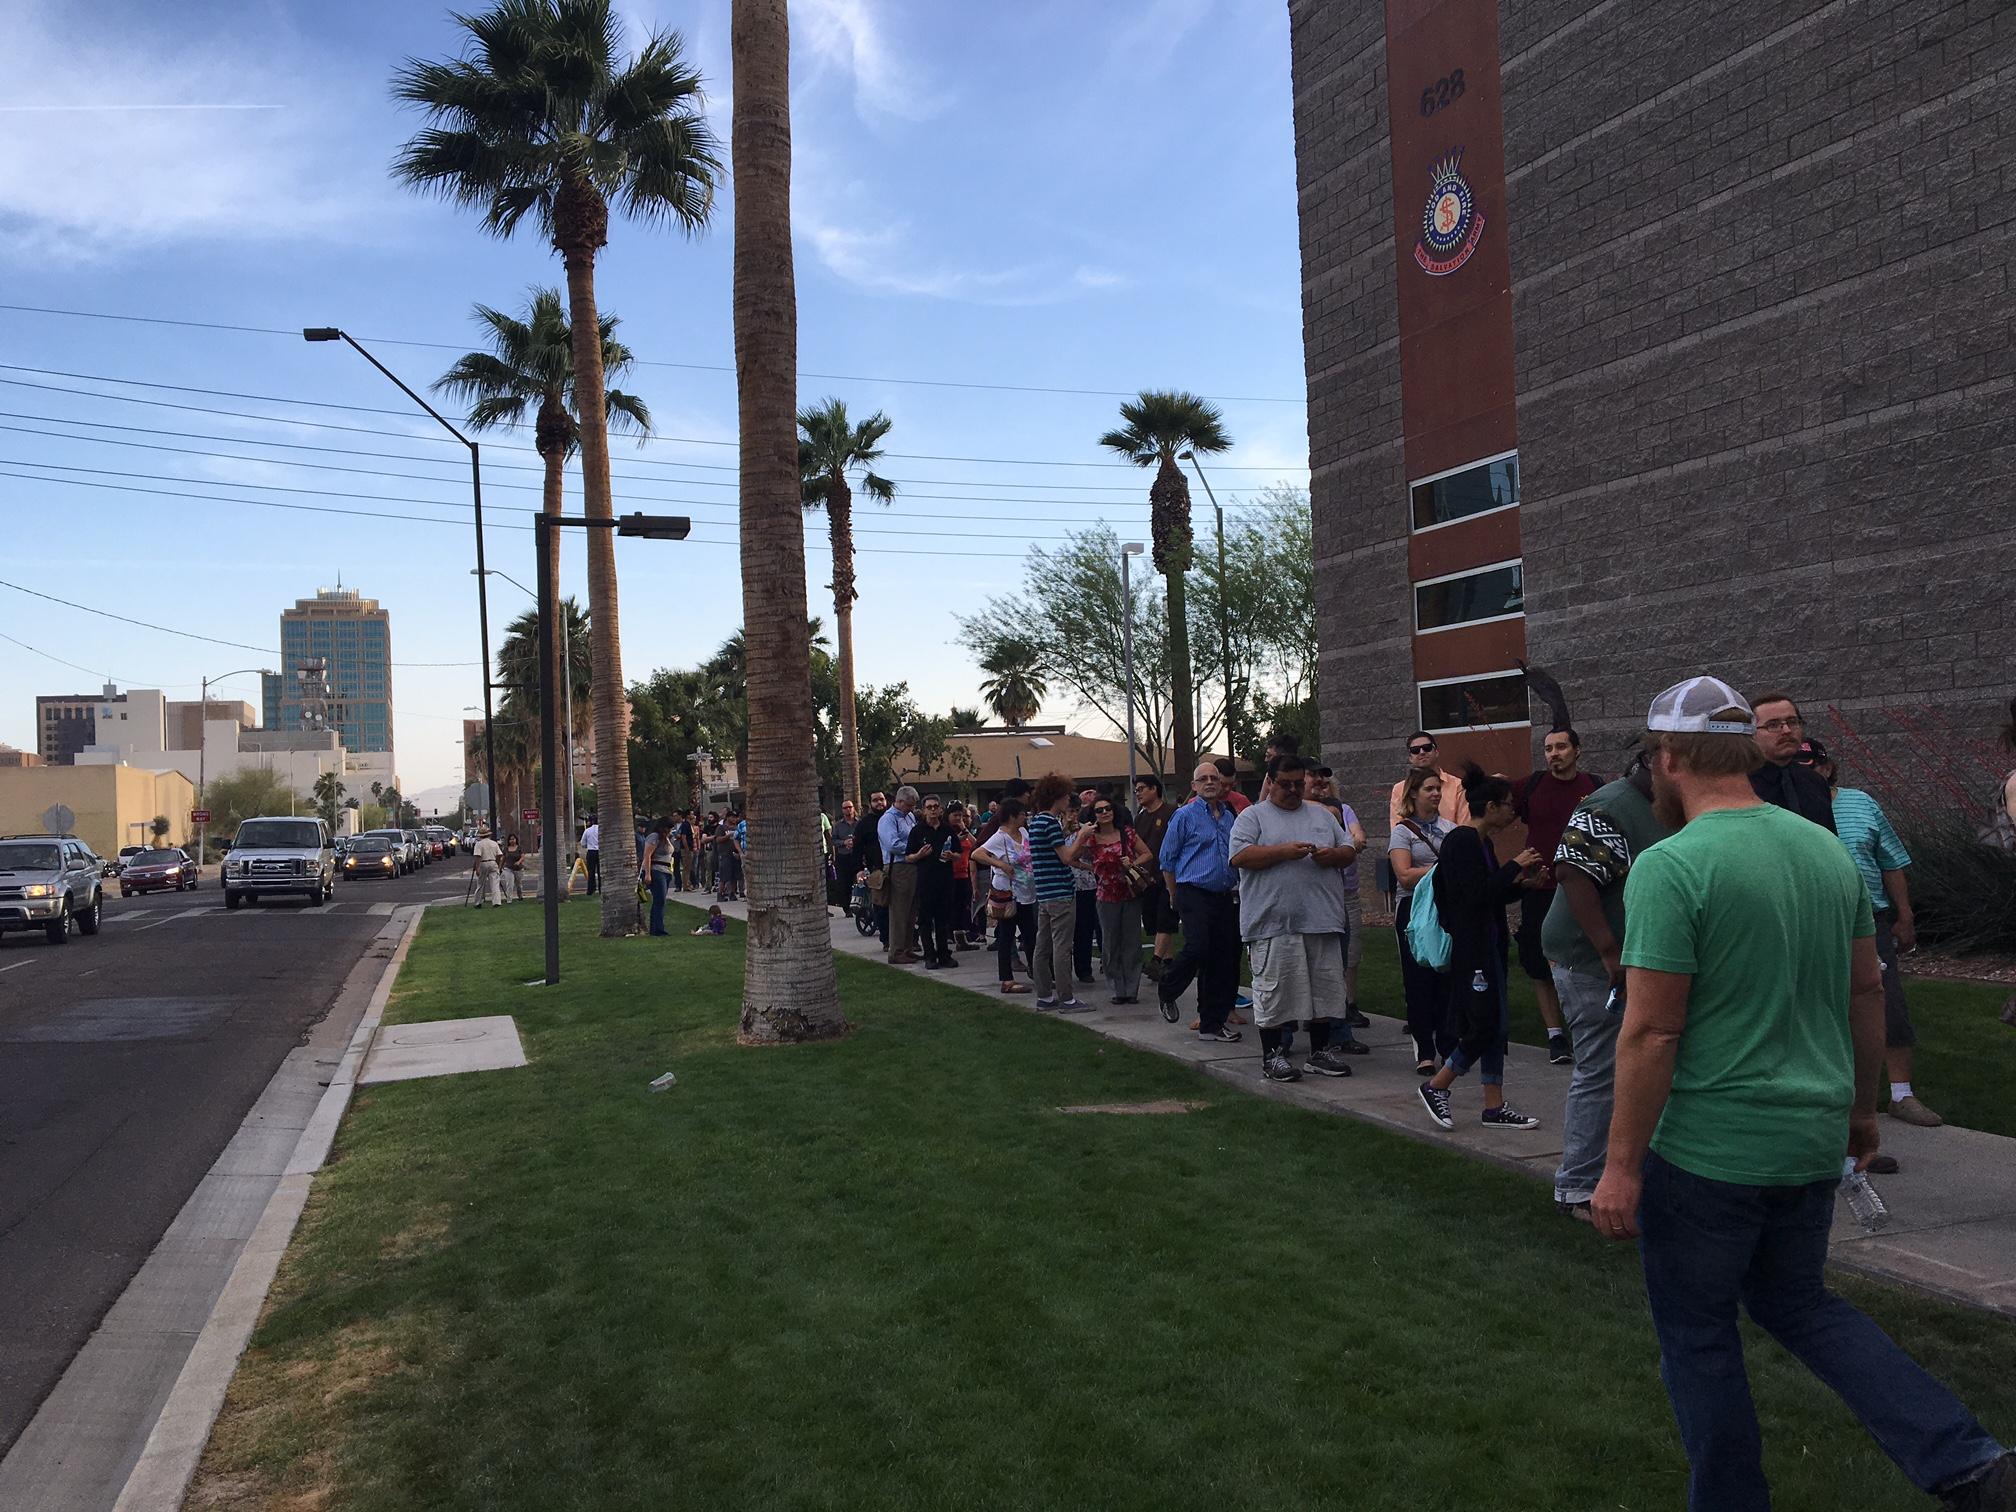 Votantes en fila fuera de un edificio que albergaba un centro de votación en el martes 22 de marzo en Phoenix, AZ. Foto: Valeria Fernández.